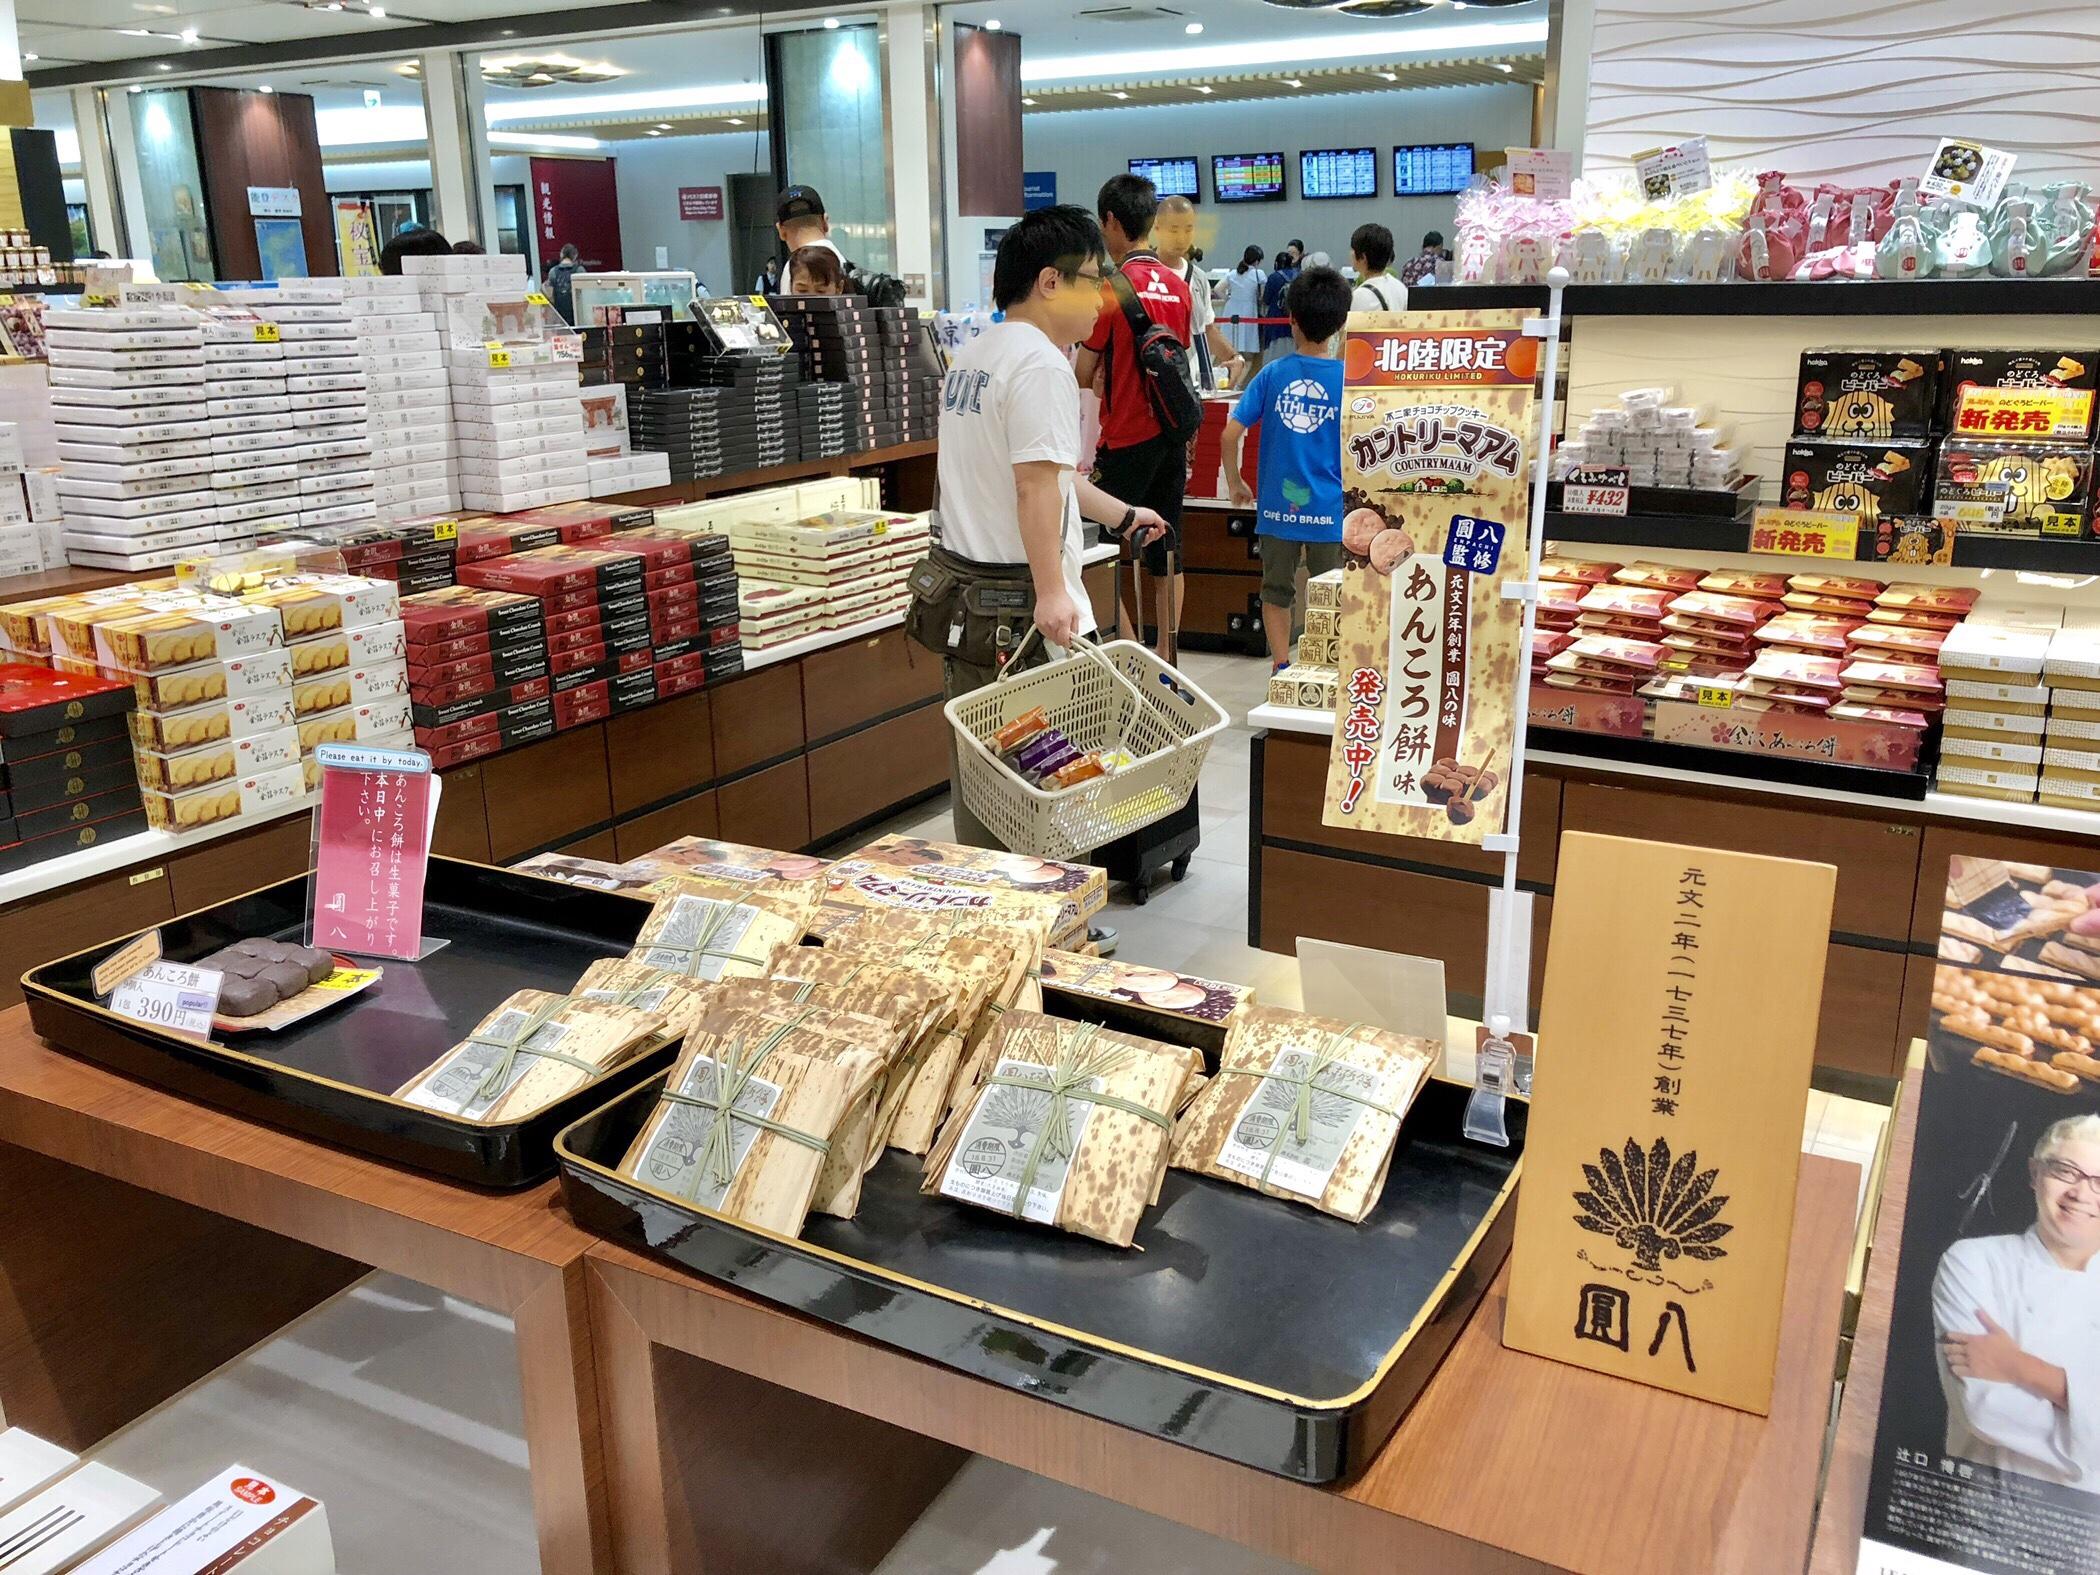 金沢駅のみどりの窓口の前のお土産の和菓子屋の円八のあんころの売り場